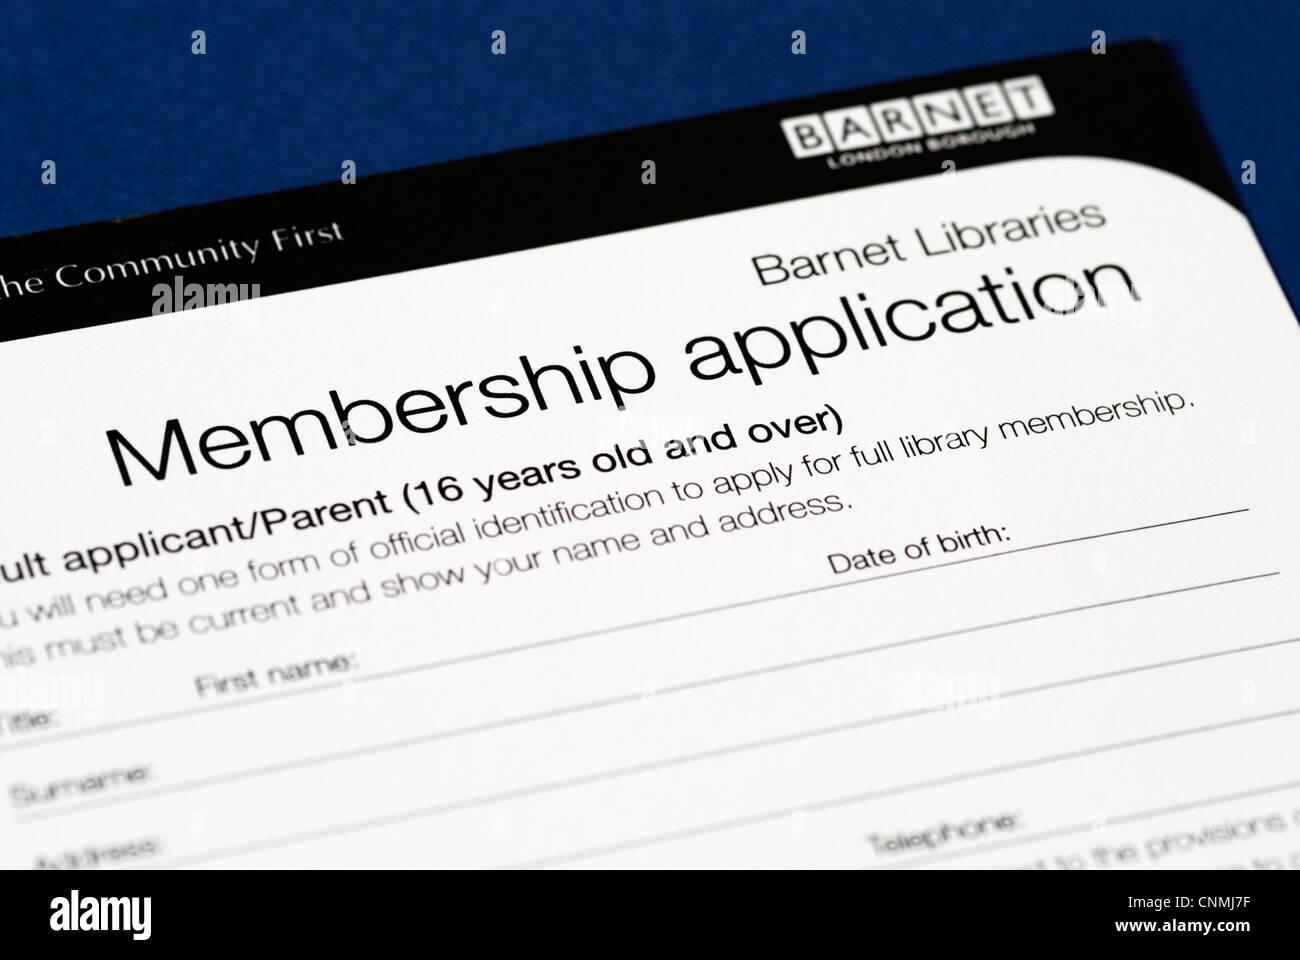 Londres Barnett Biblioteca del Consejo de formulario de solicitud de membresía Imagen De Stock